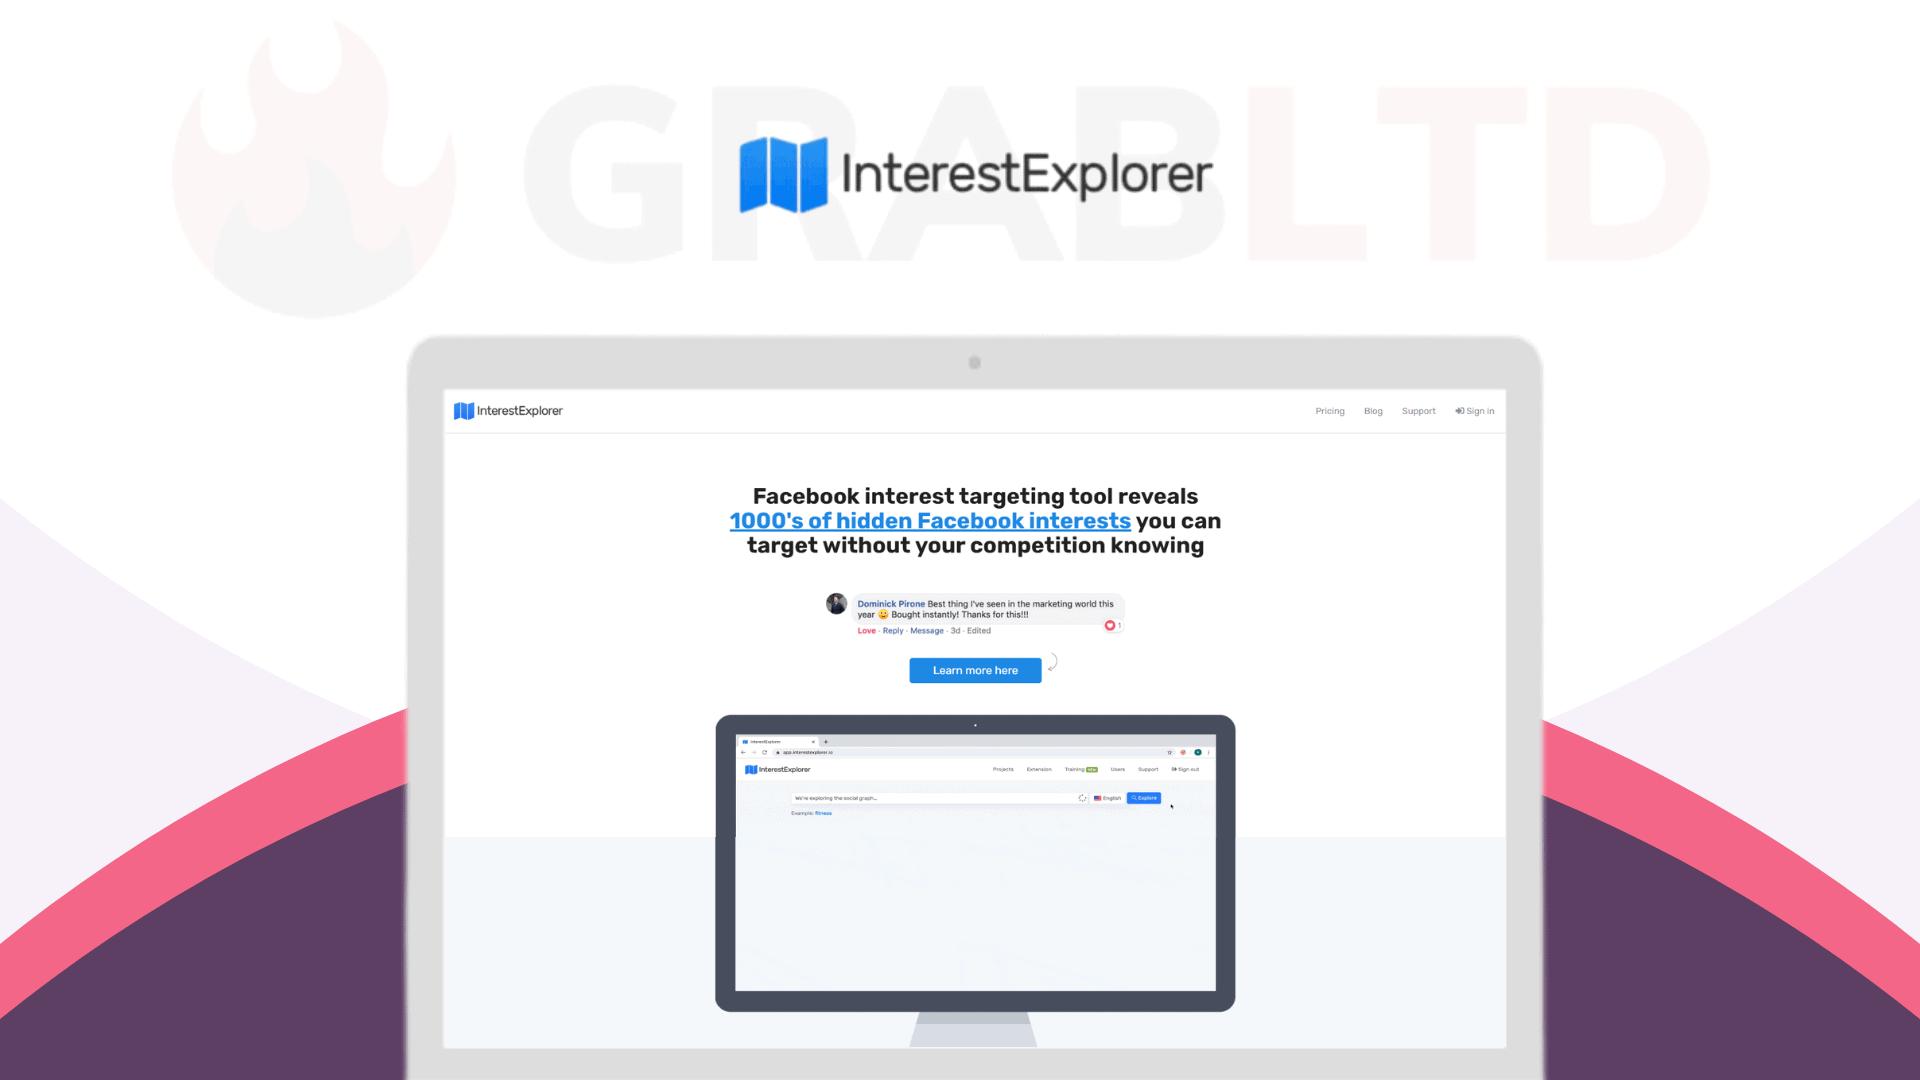 InterestExplorer Lifetime Software Deal